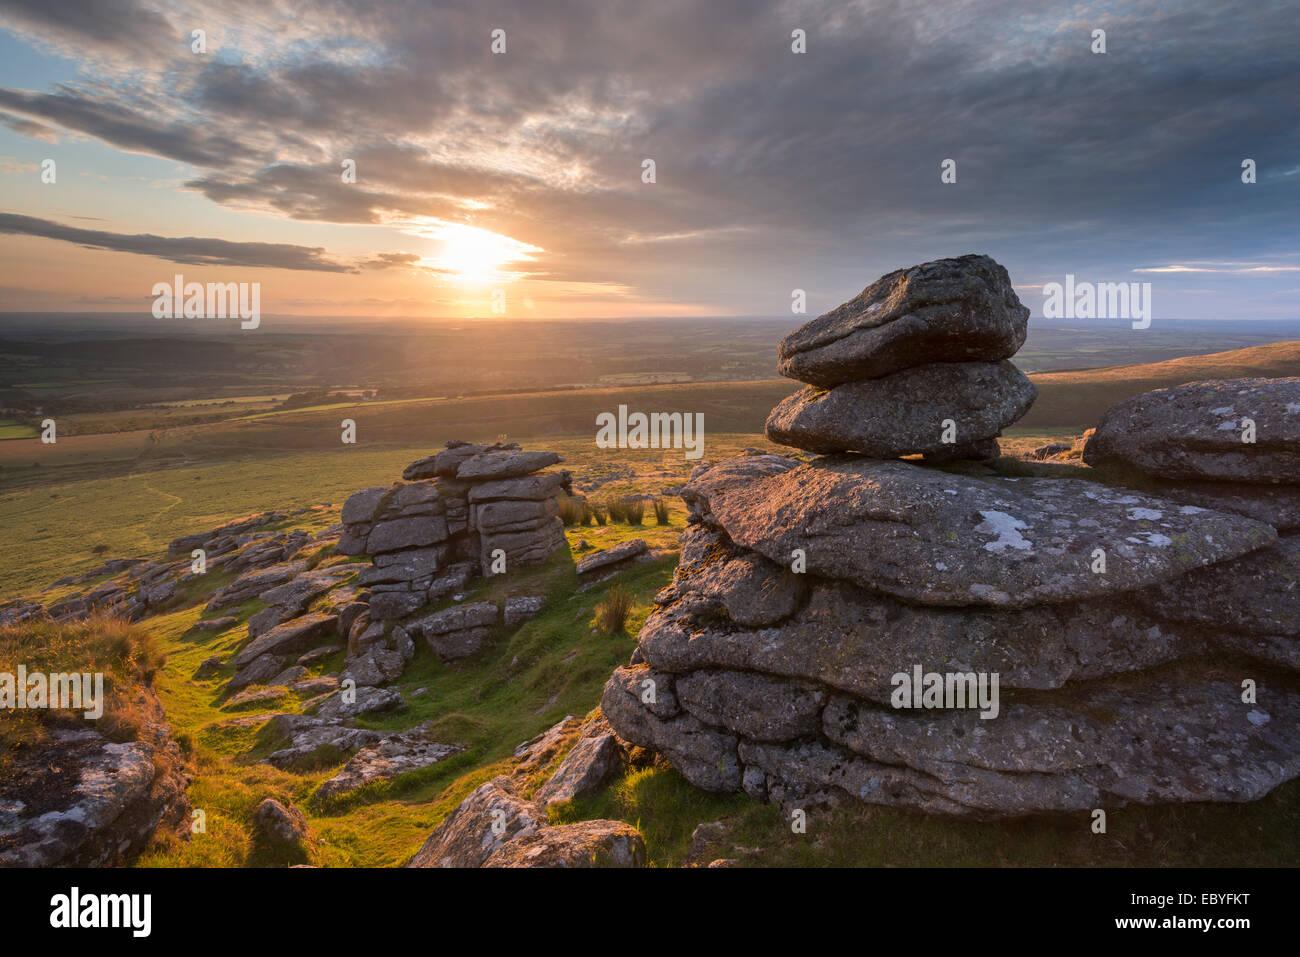 Tramonto sul braccio di Tor, Parco Nazionale di Dartmoor, Devon, Inghilterra. Estate (Agosto) 2014. Immagini Stock